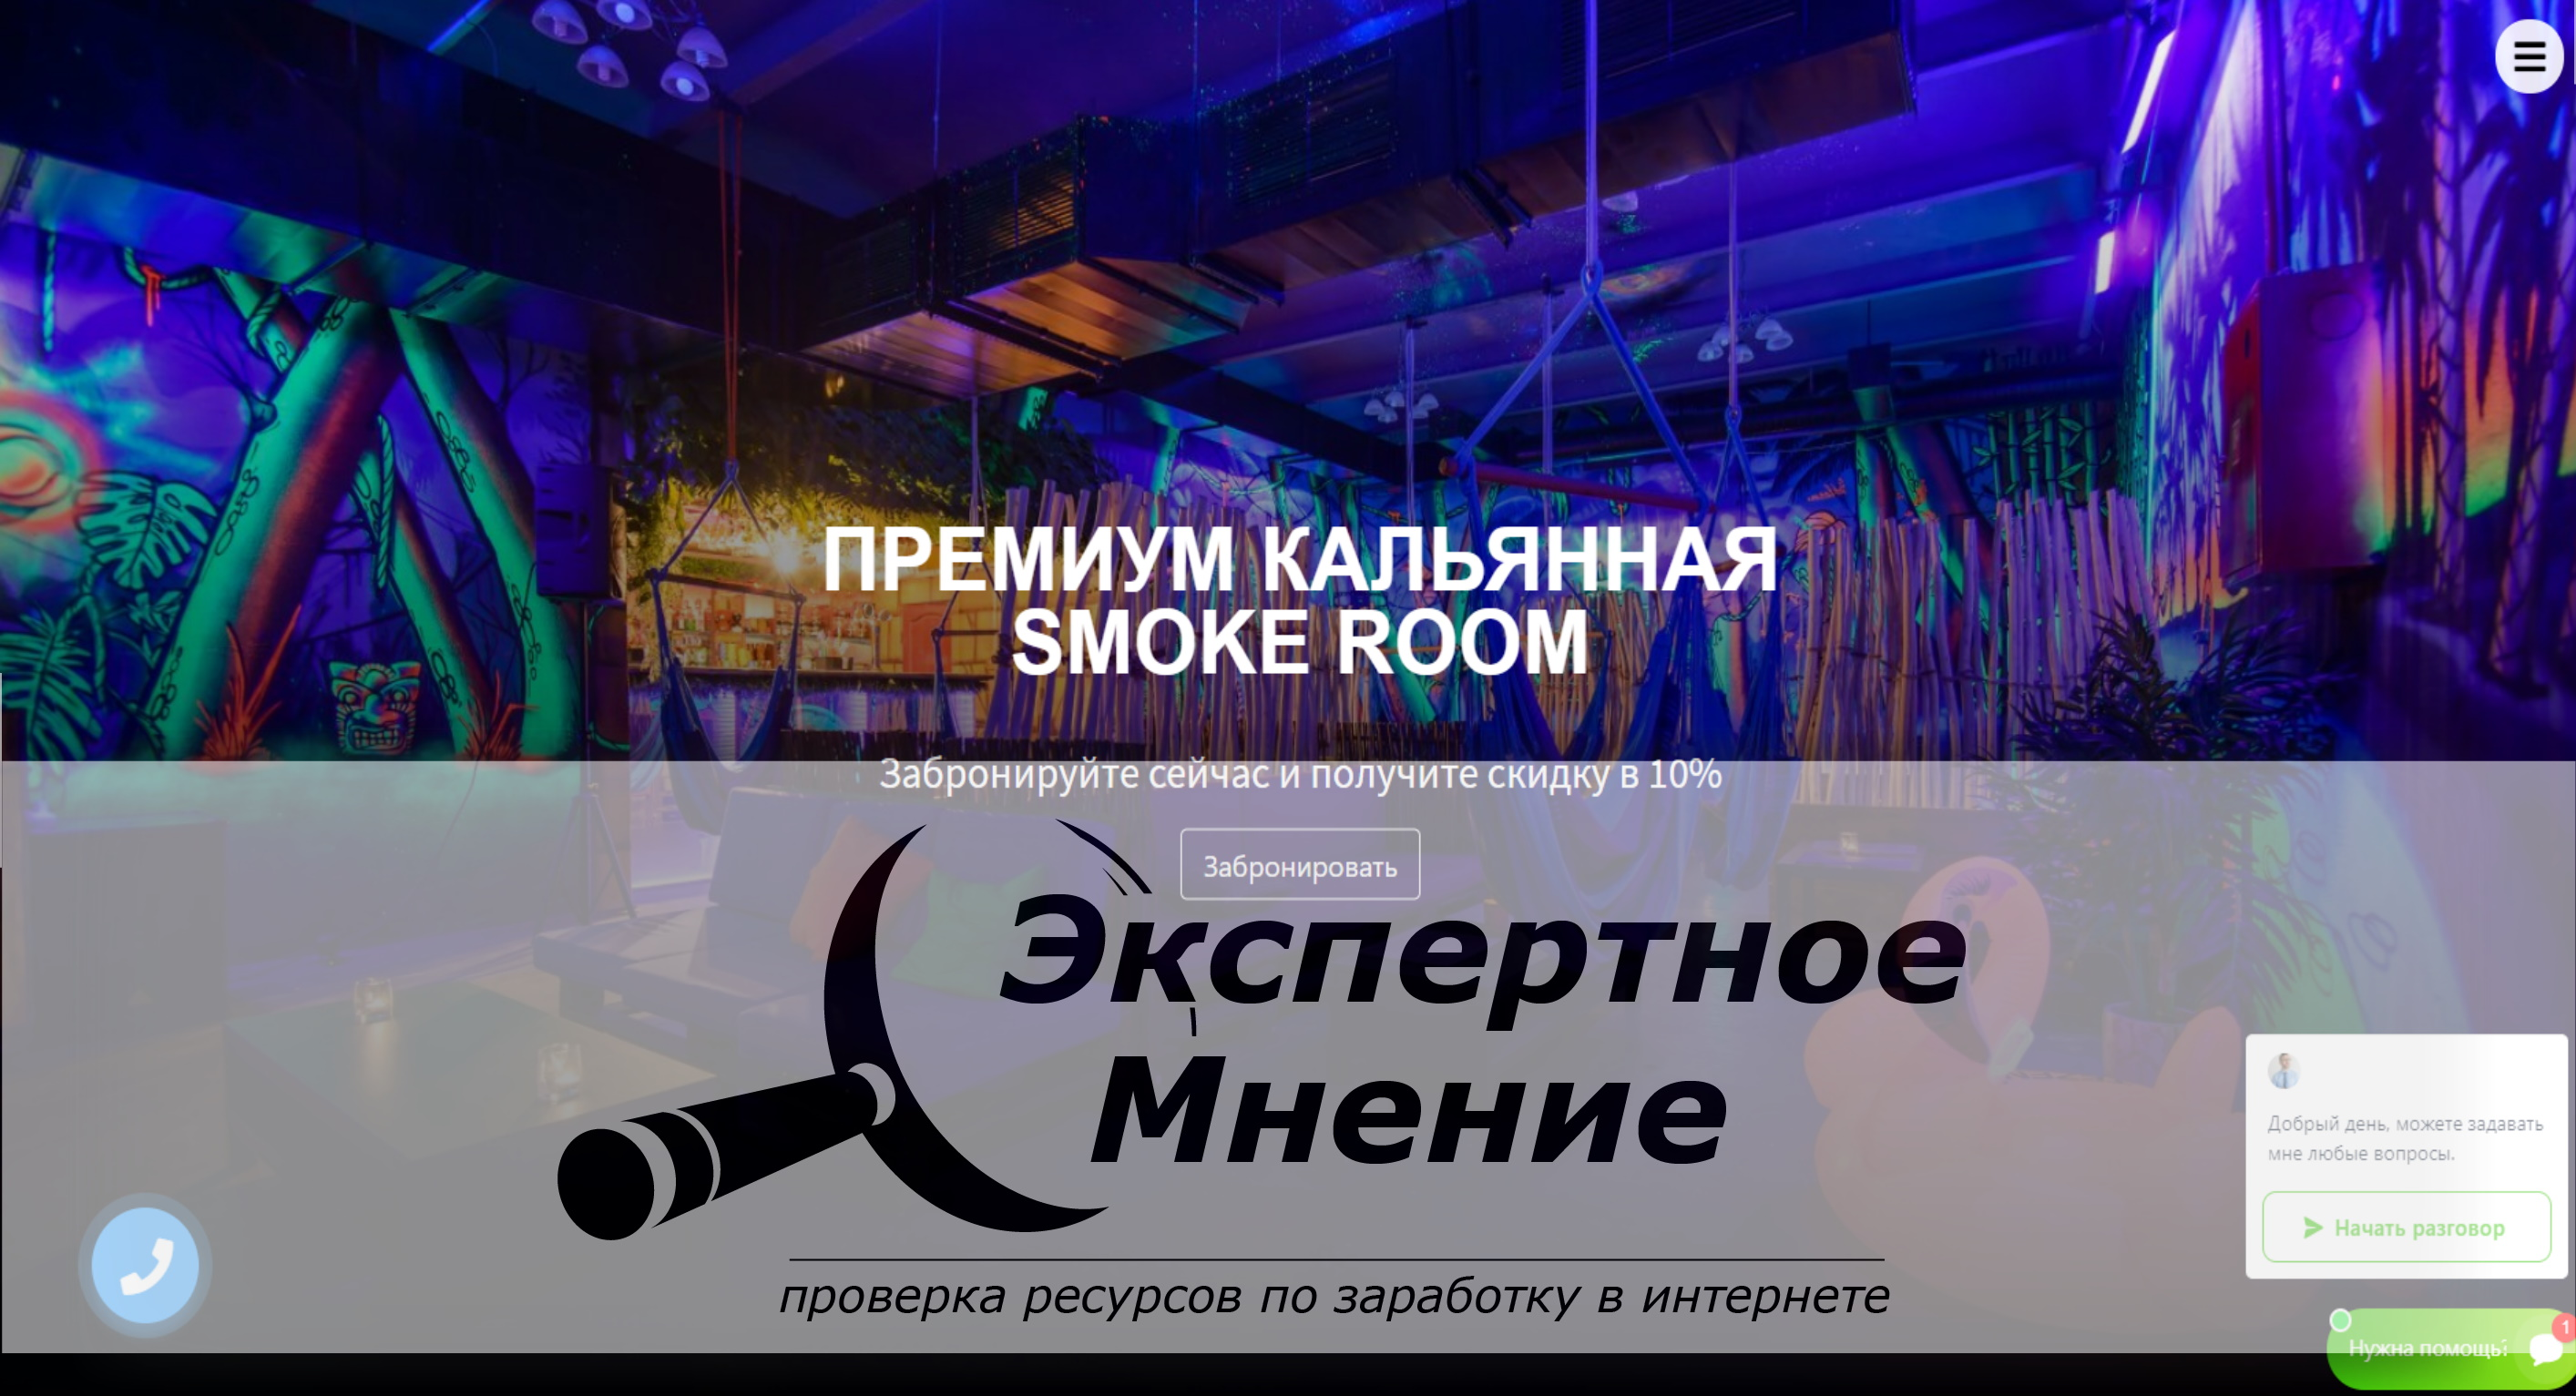 ПРЕМИУМ КАЛЬЯННАЯ SMOKE ROOM